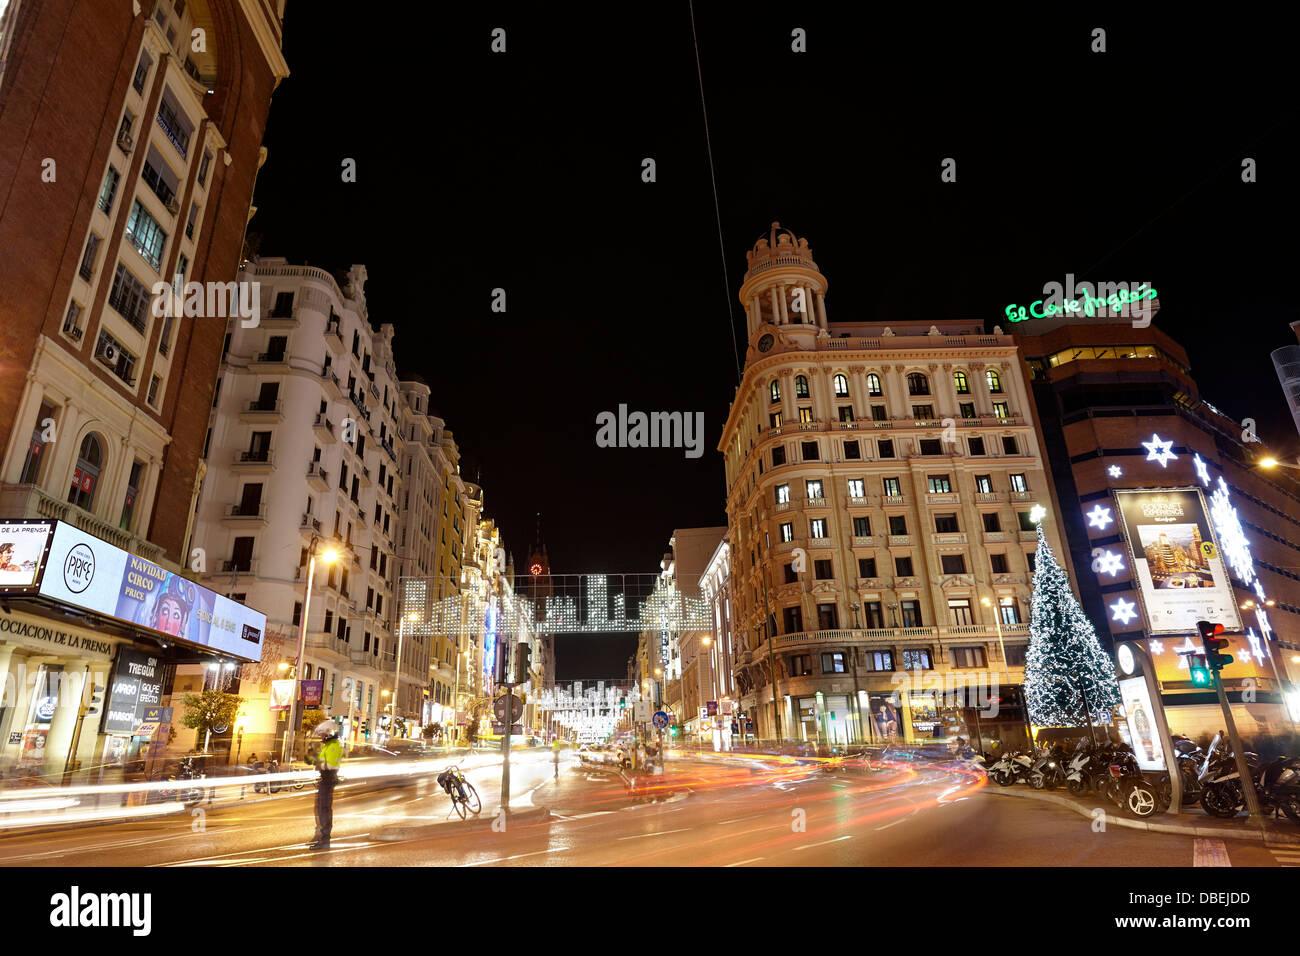 Le trafic à la rue Gran Via avec des lumières effet sentiers au moment de Noël. Madrid. L'Espagne. Photo Stock